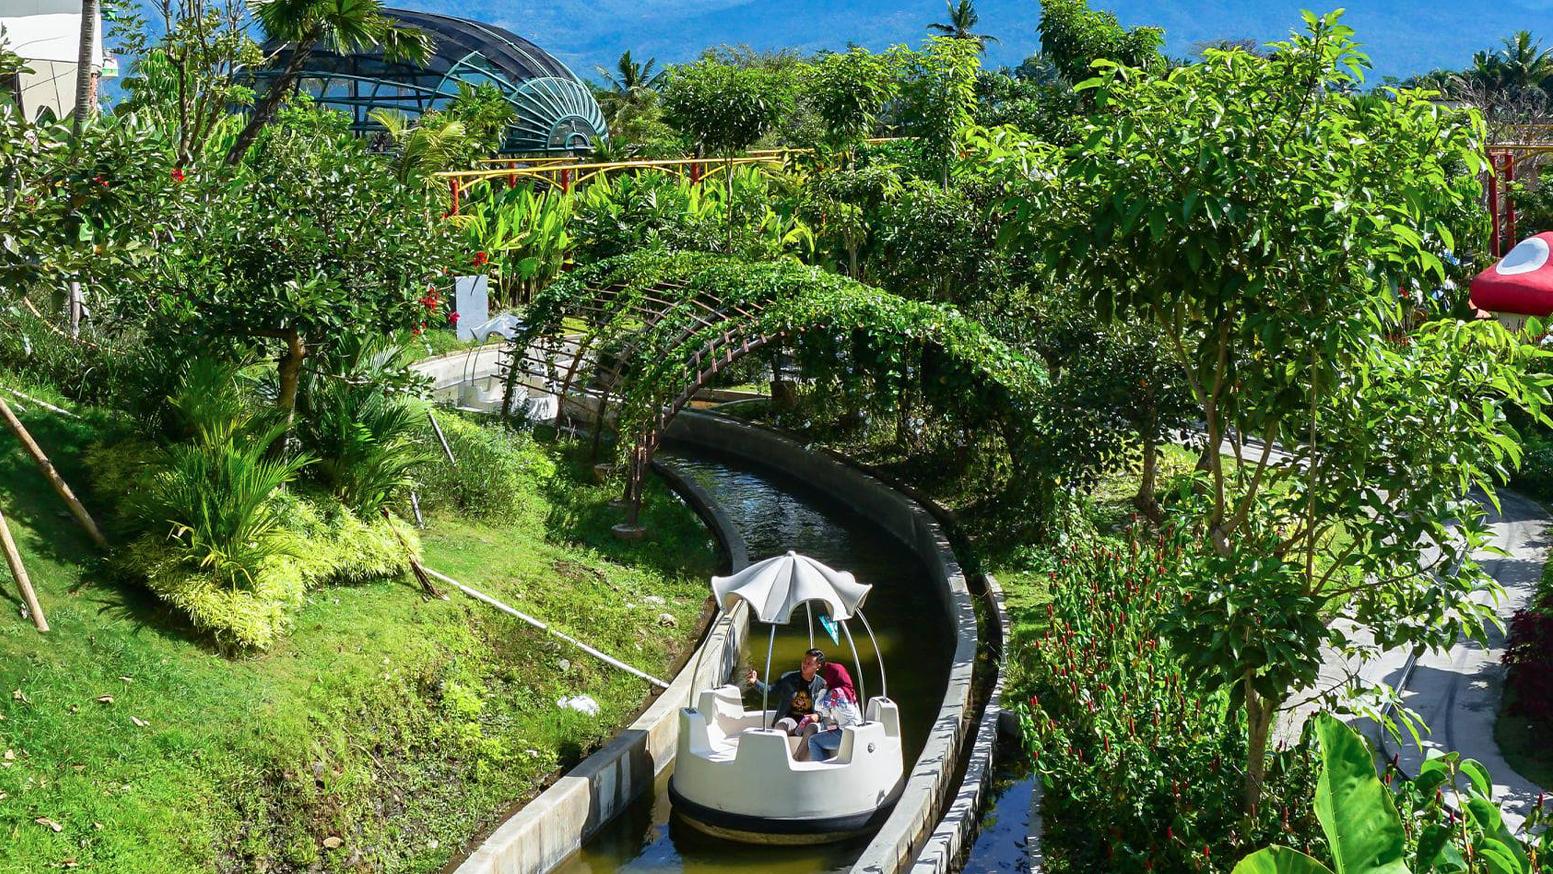 Interlink New Ride : Spin Boat Floating Mushroom at Saloka Park